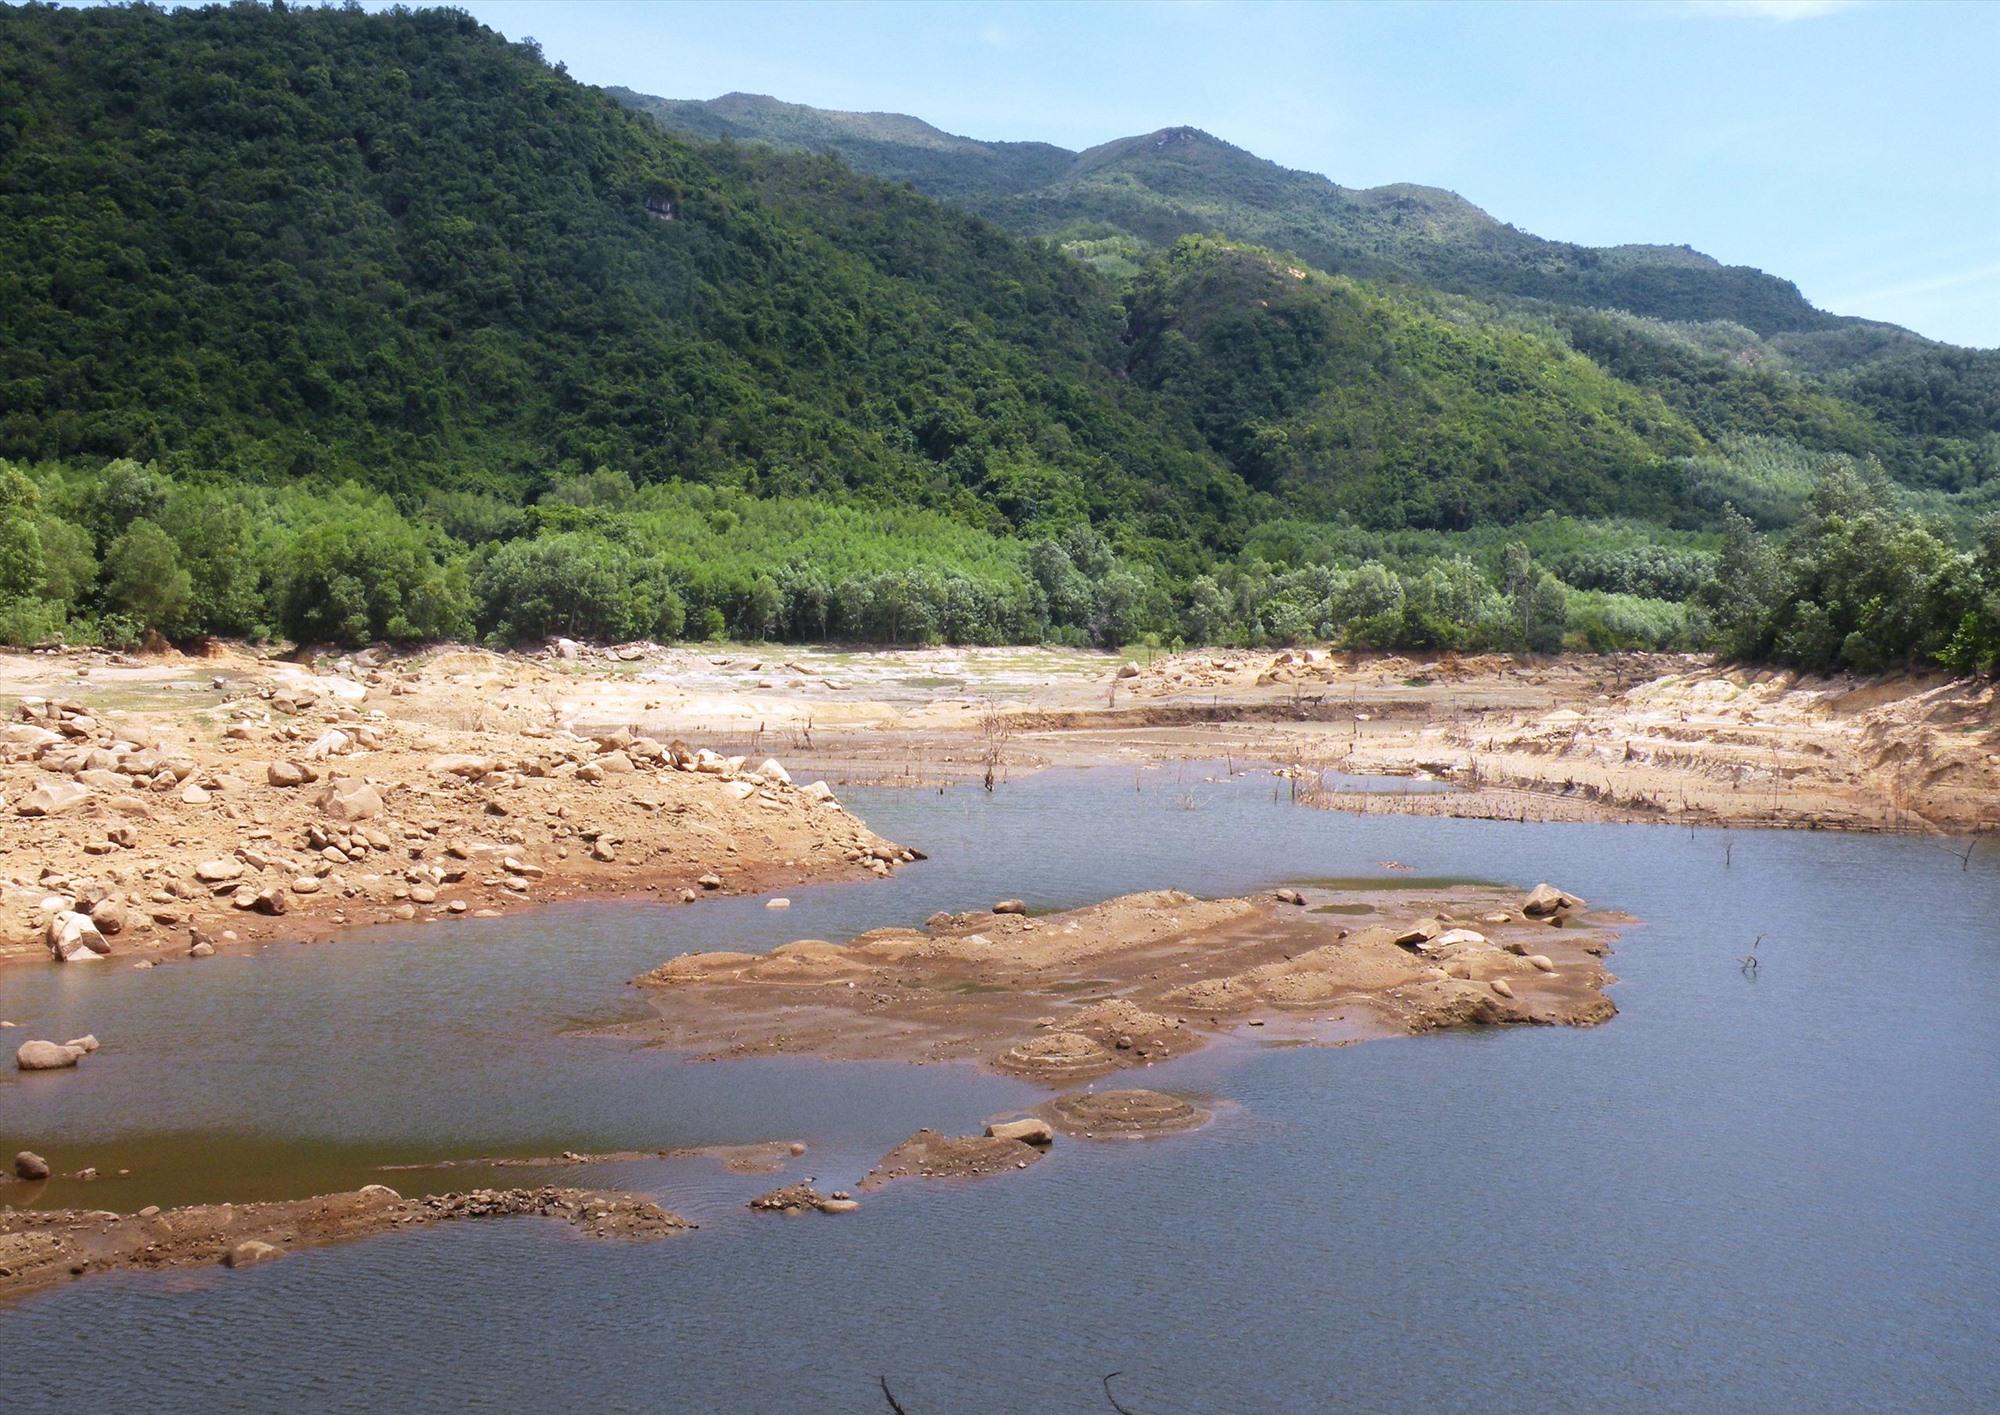 Thời điểm này, mực nước của hầu hết hồ chứa thủy lợi đều thấp, sẵn sàng đón lũ.  Ảnh: VĂN SỰ